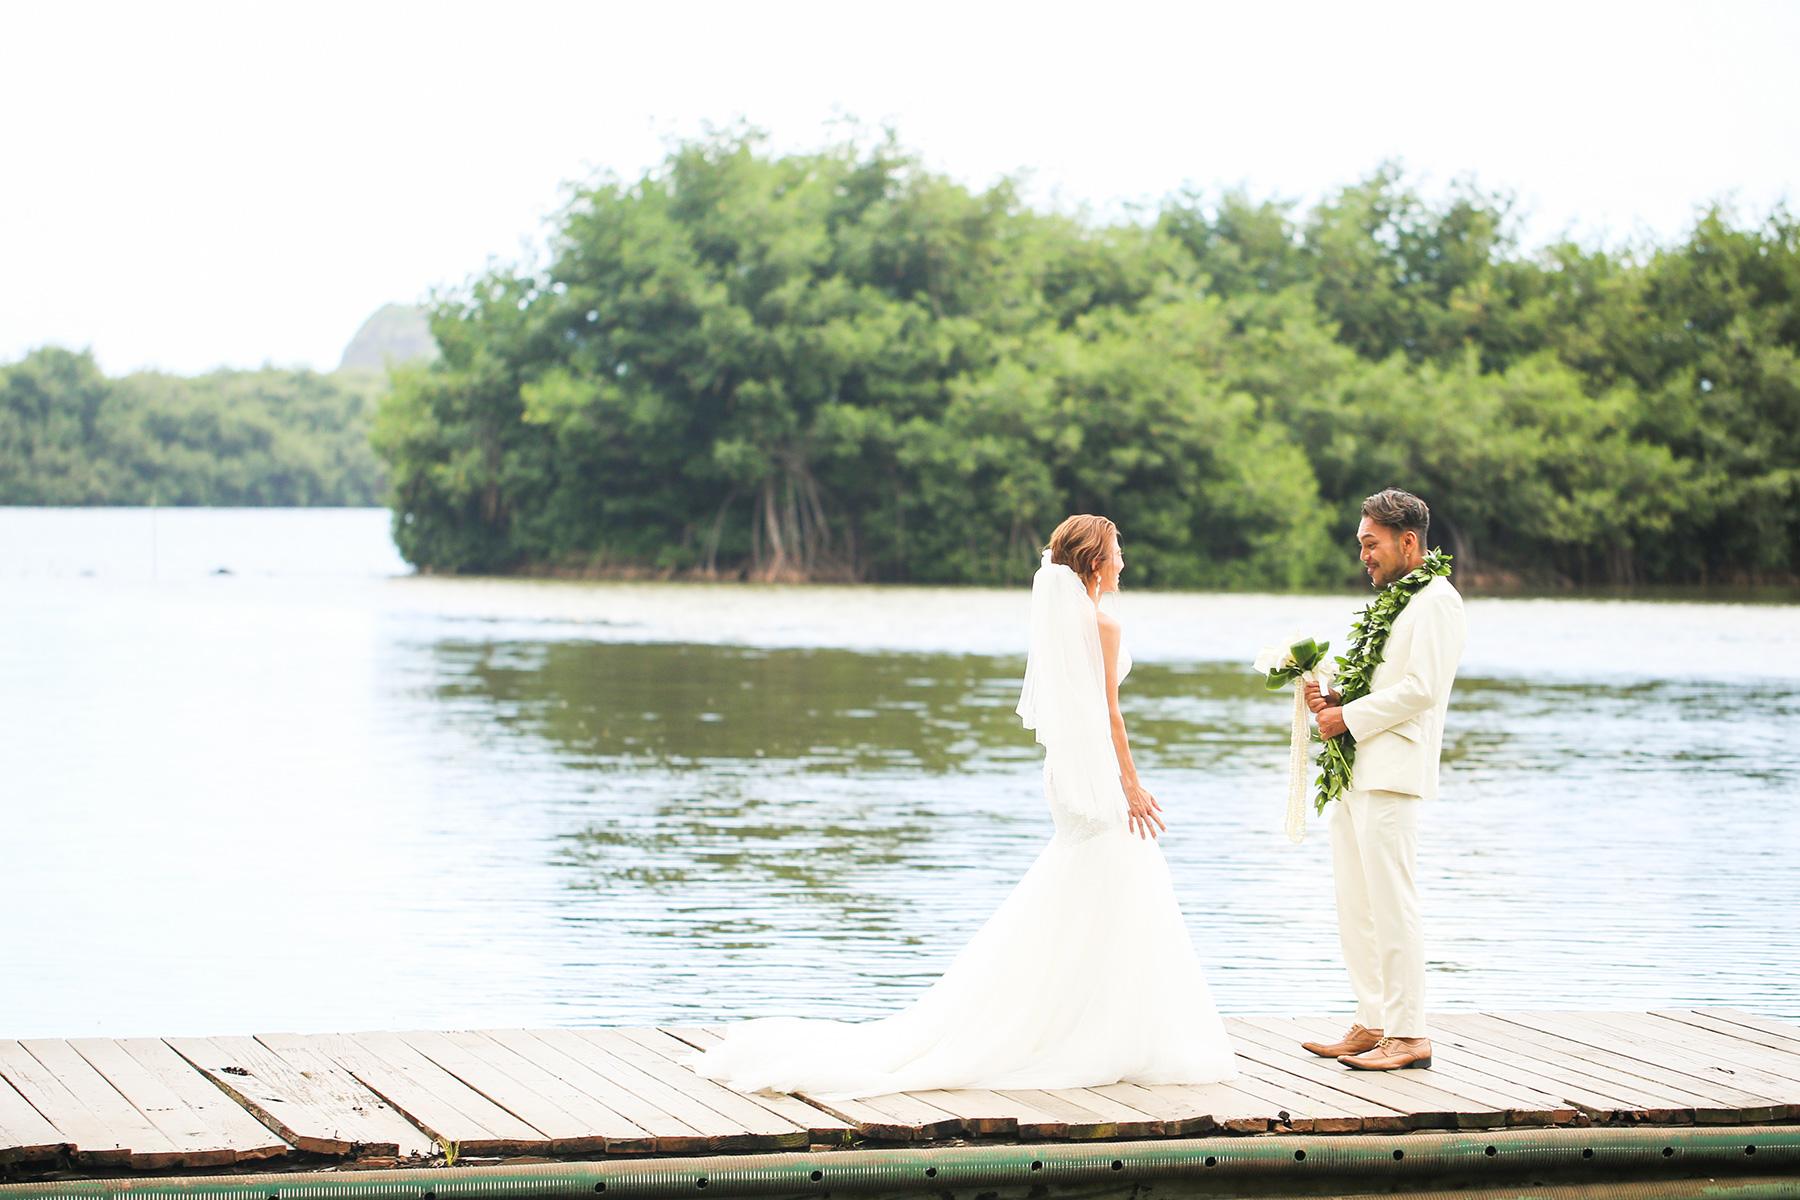 クアロア牧場の「モリイイガーデン」挙式ハワイウェディング,ハワイ婚,コーディネーター